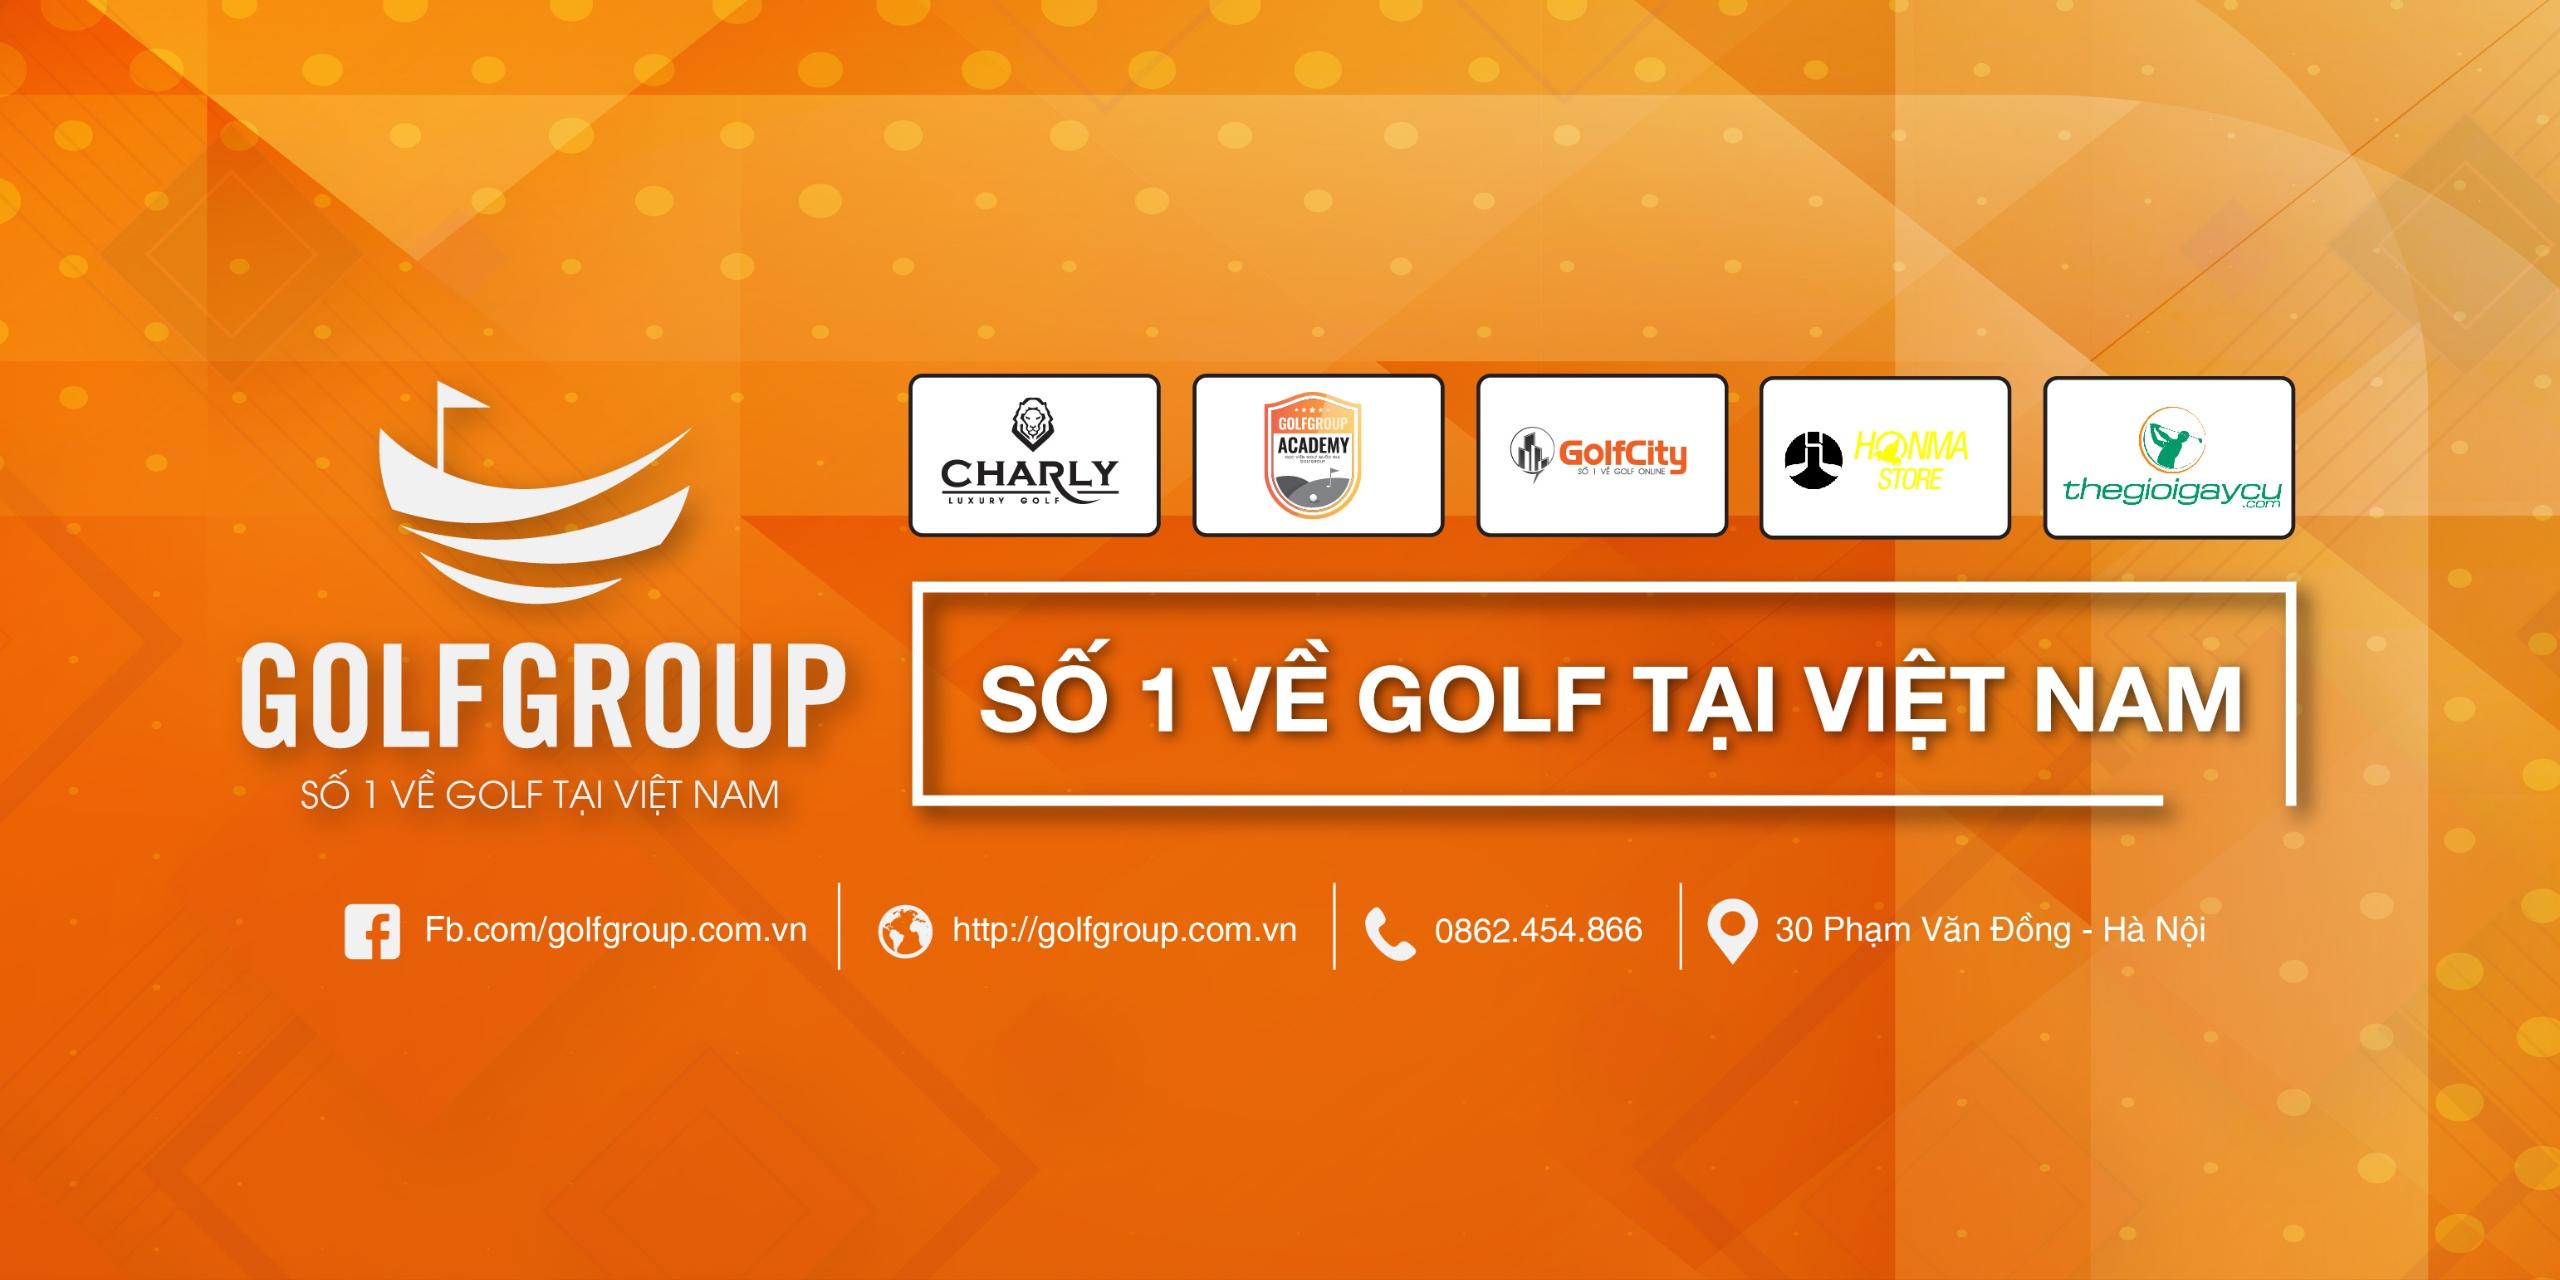 Golf Group - Thế giới gậy Golf chính hãng (@golfgroupcomvn) Cover Image